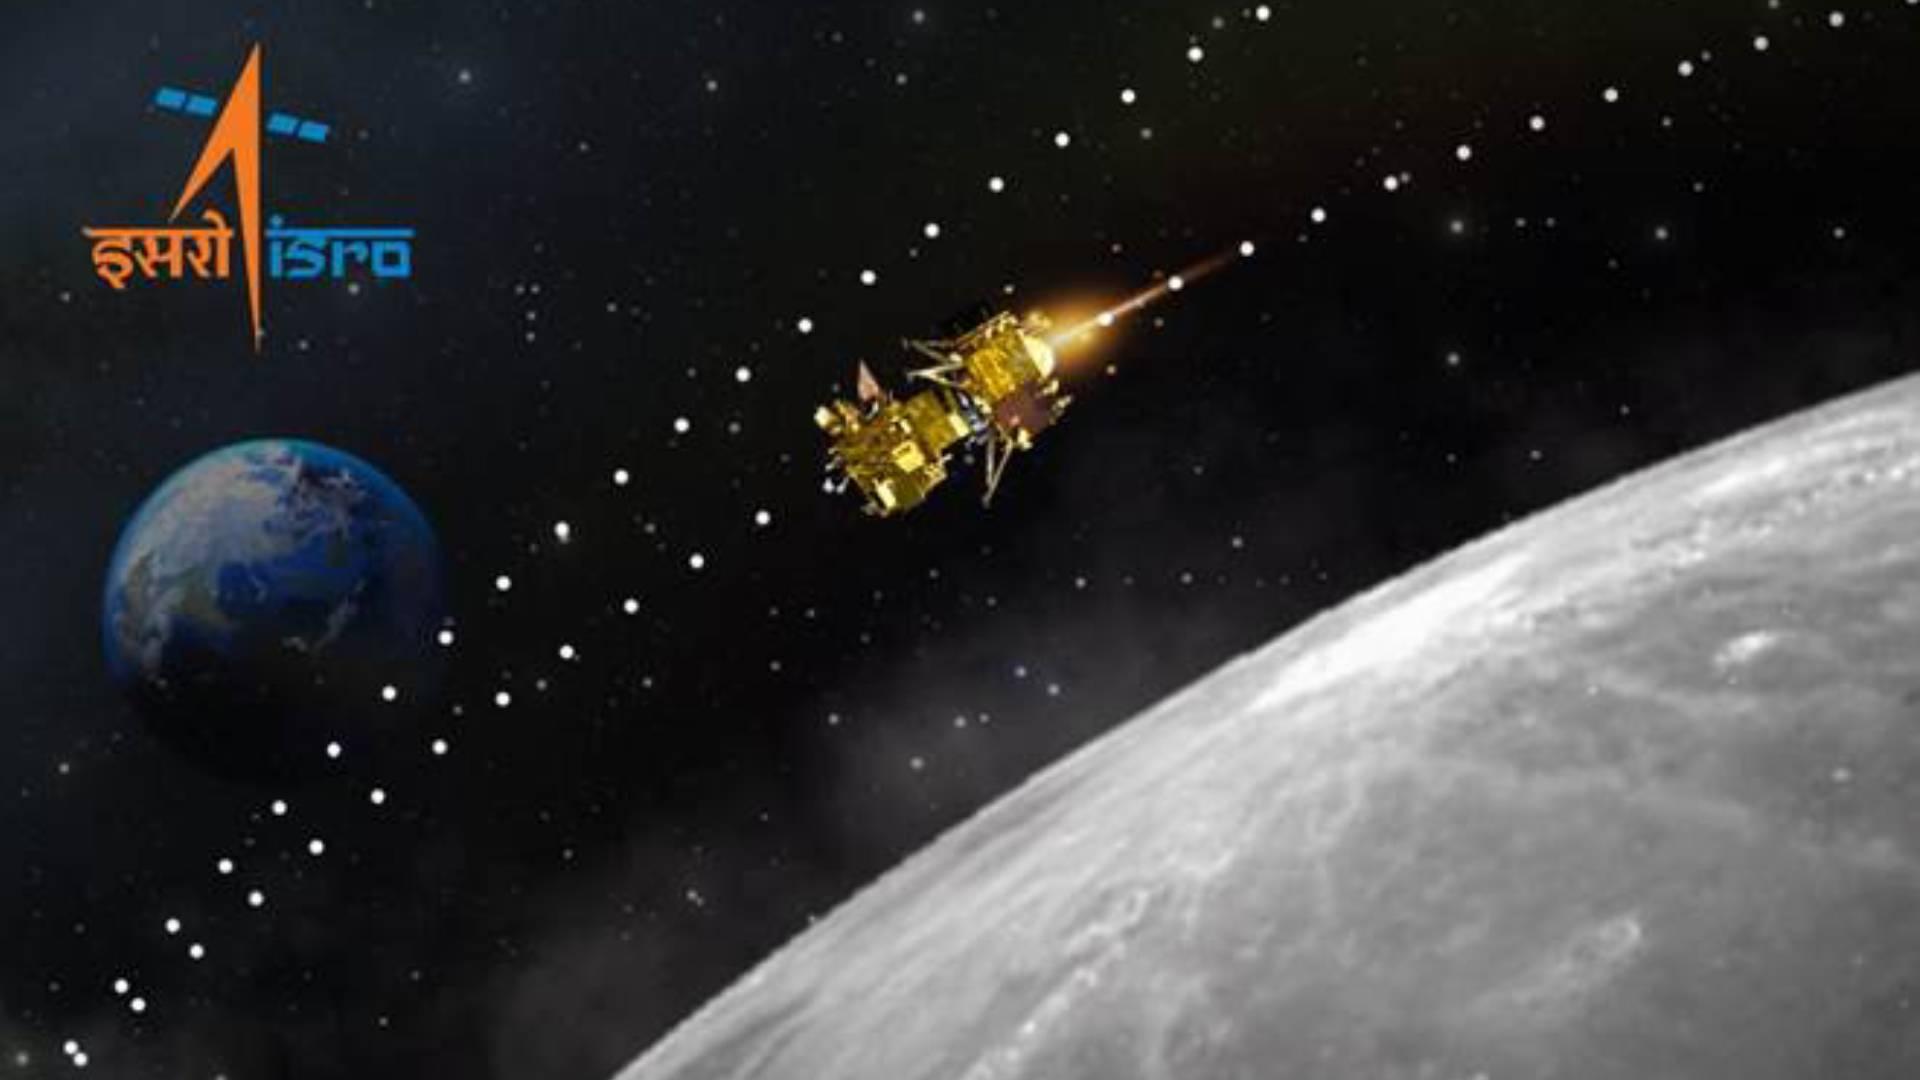 घर बैठे आप भी देख सकते हैं चंद्रयान 2 की चांद पर लैडिंग, इन चैनलों पर किया जाएगा ऐतिहासिक पलों को कैद